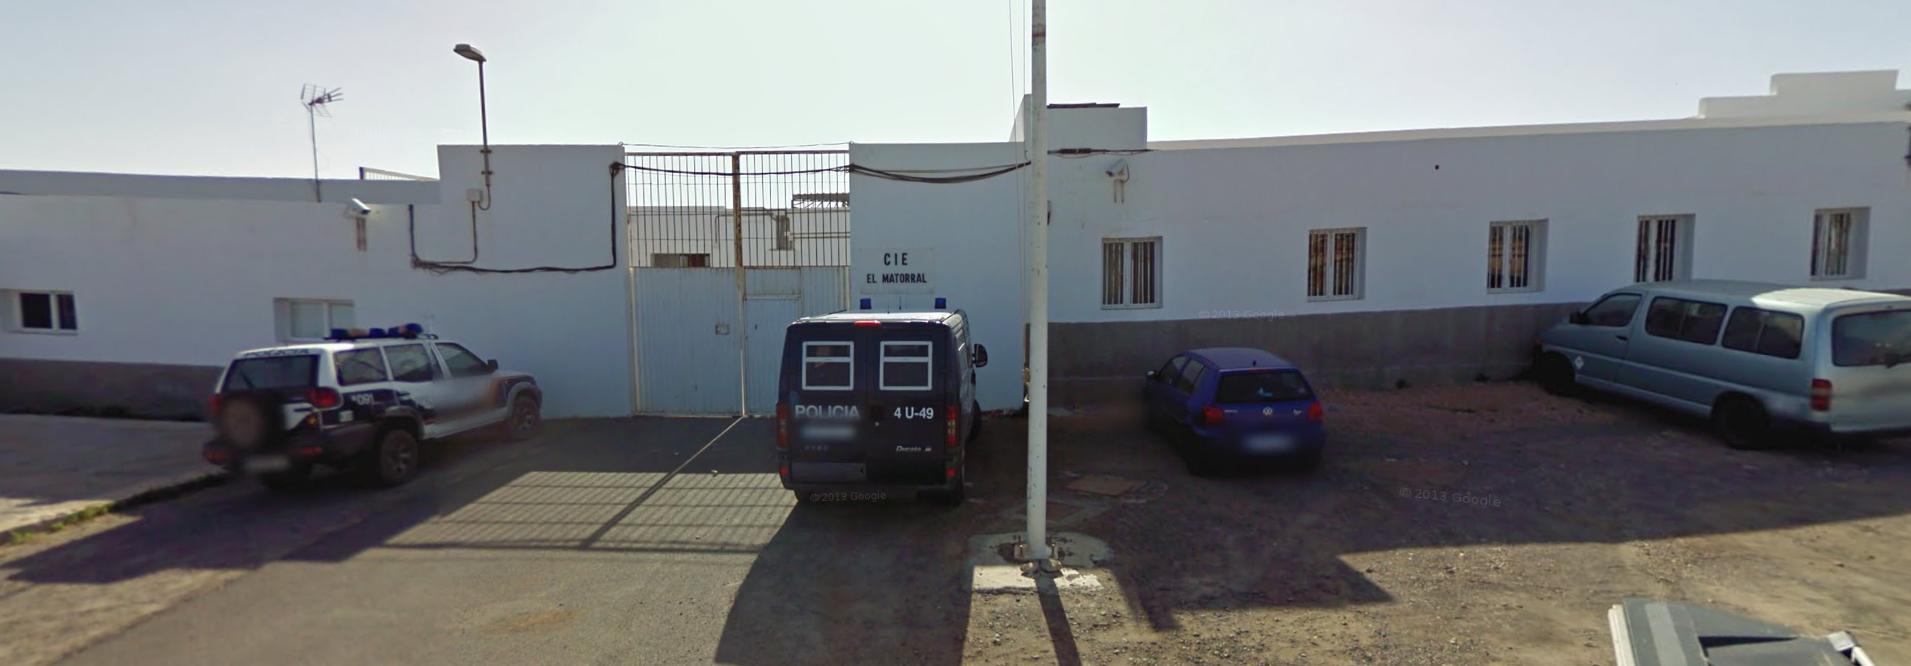 Captura de Google Maps correspondiente a 2011, cuando aún estaba en funcionamiento el CIE de El Matorral. Foto / Google Street View